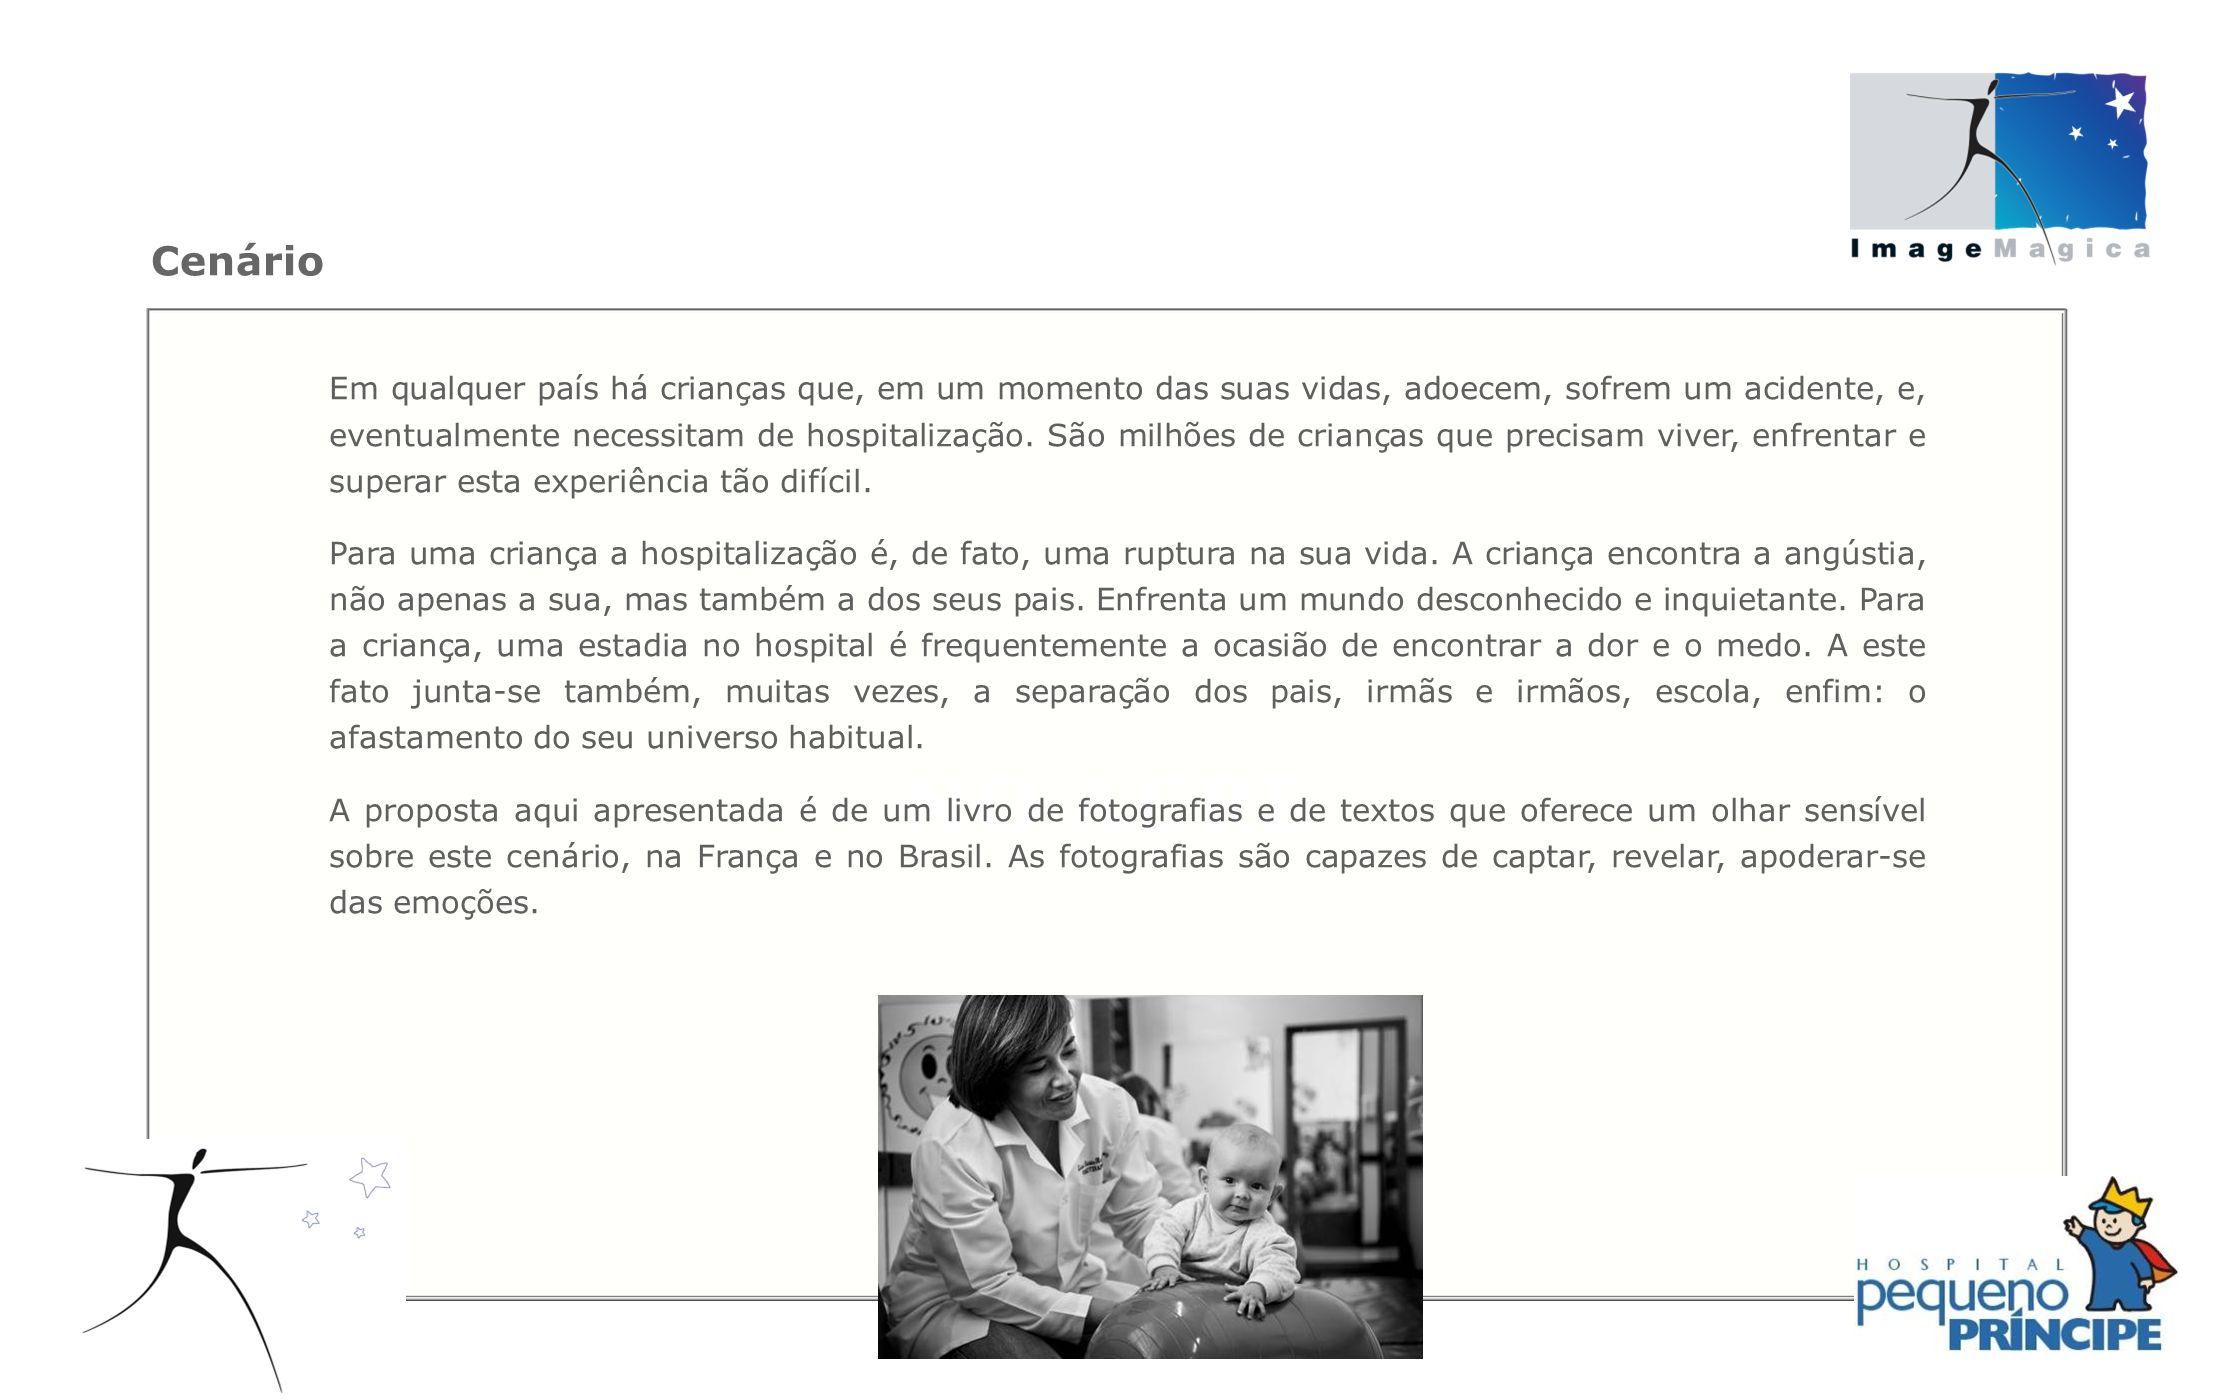 Desenvolver oficinas de fotografia dentro do Hospital Pequeno Príncipe para provocar transformações em pacientes, familiares e equipes de saúde.